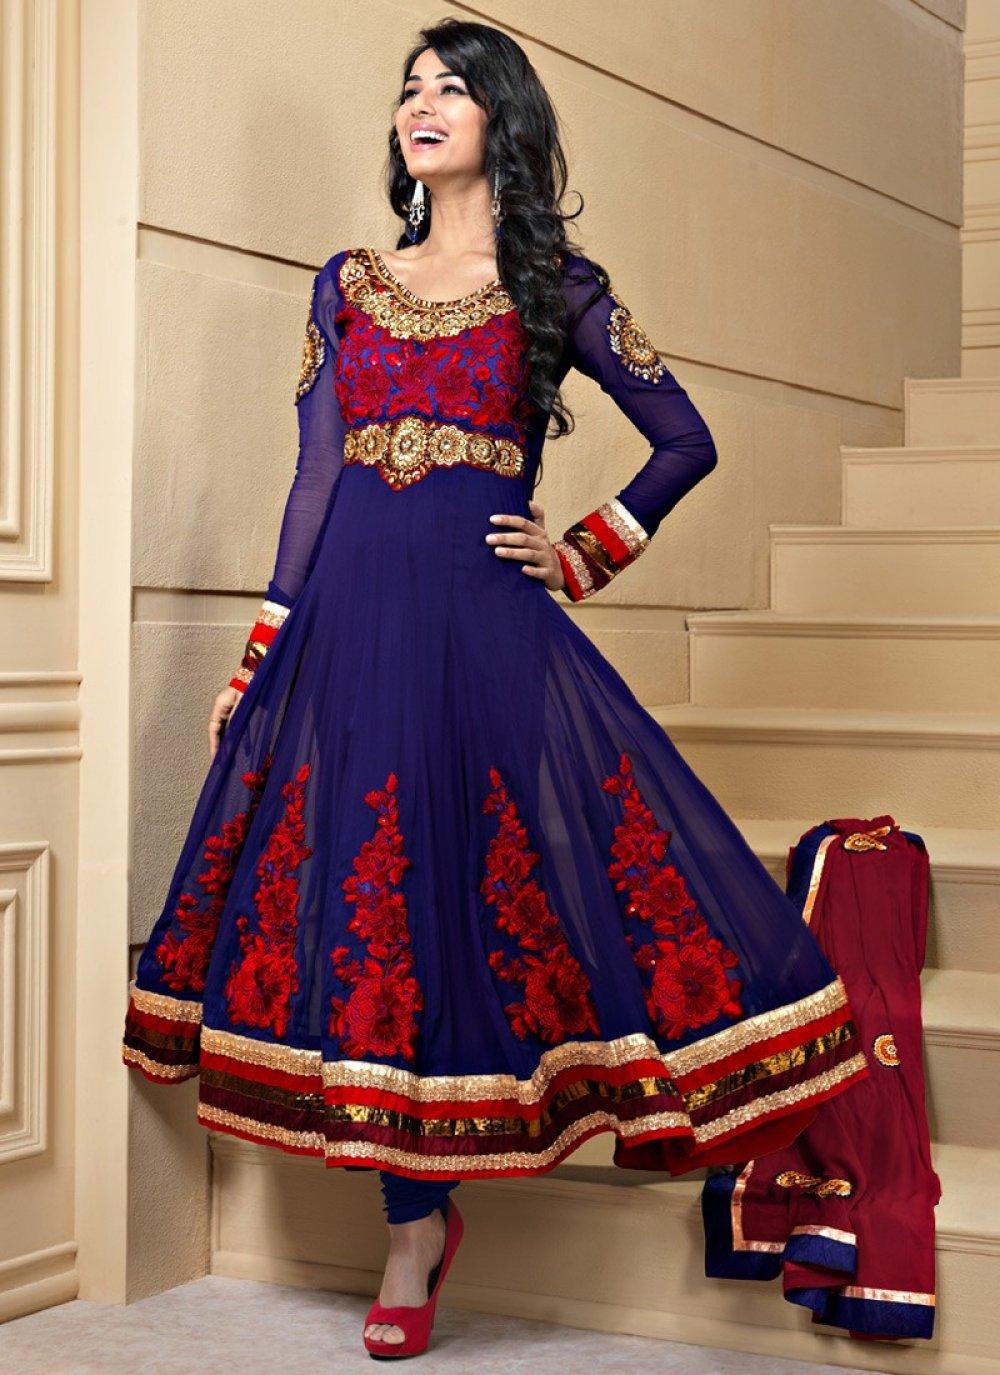 Nvy Blue Salwar Kameez